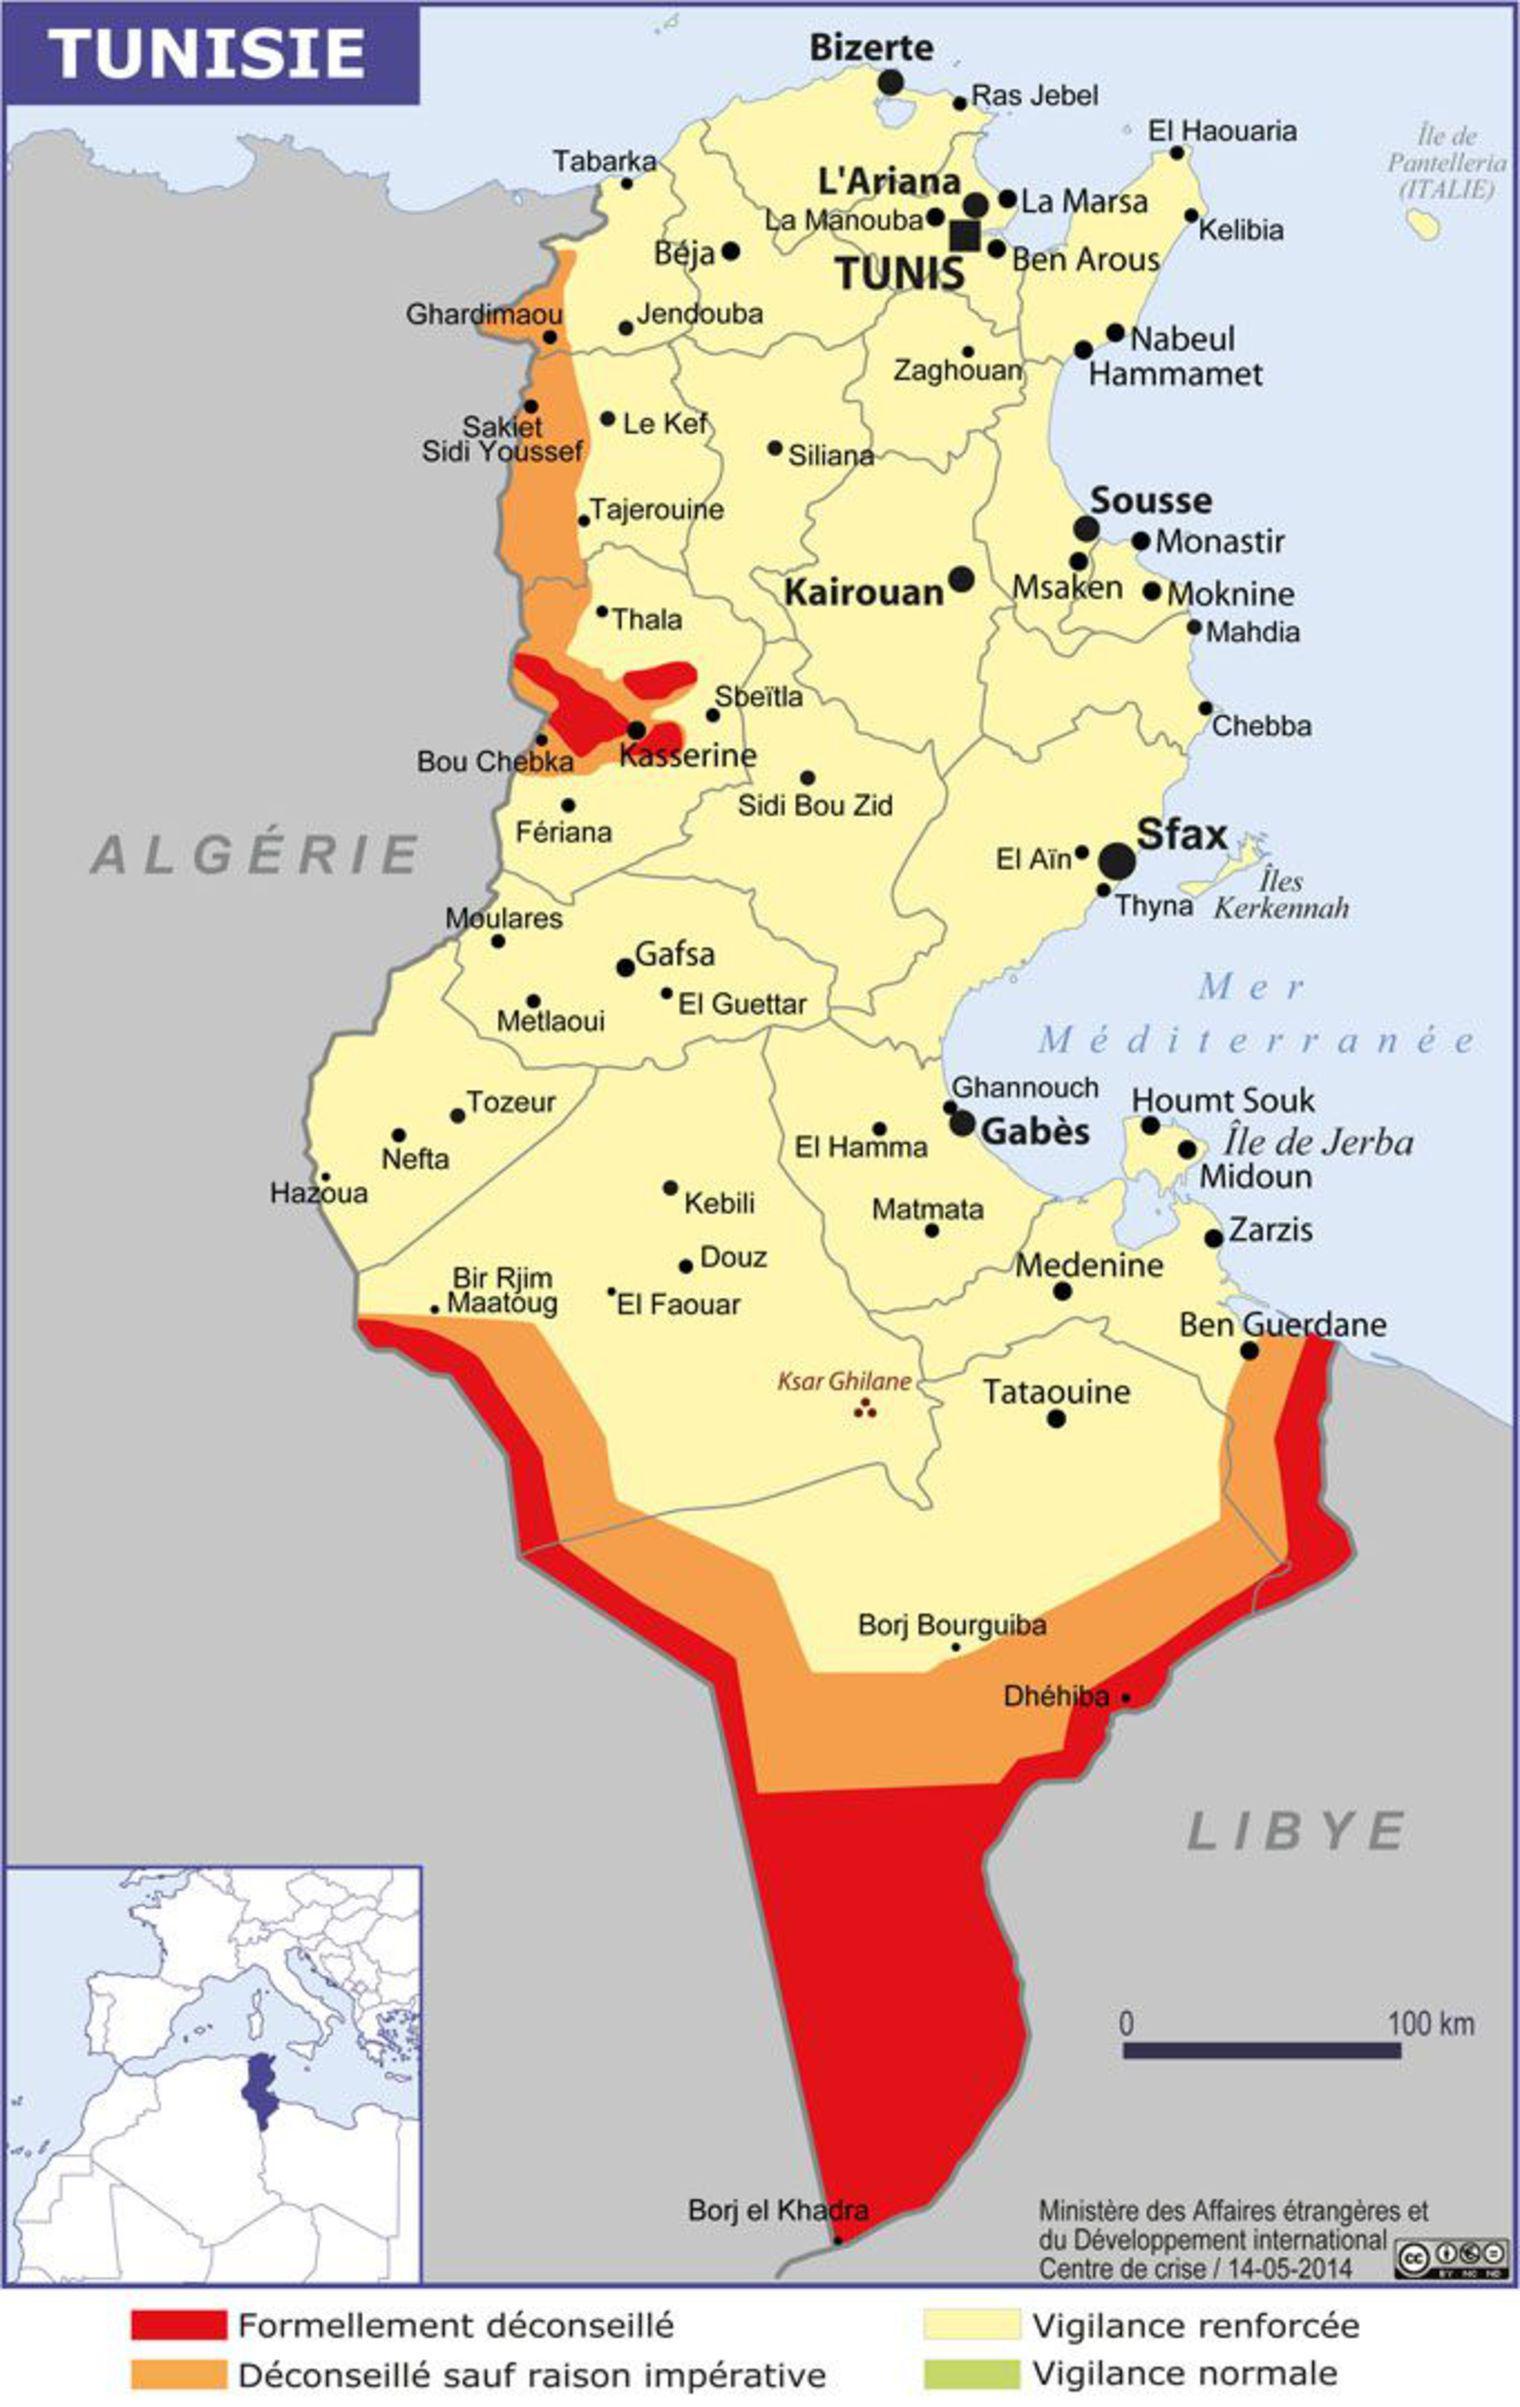 Carte des zones dangereuses en Tunisie